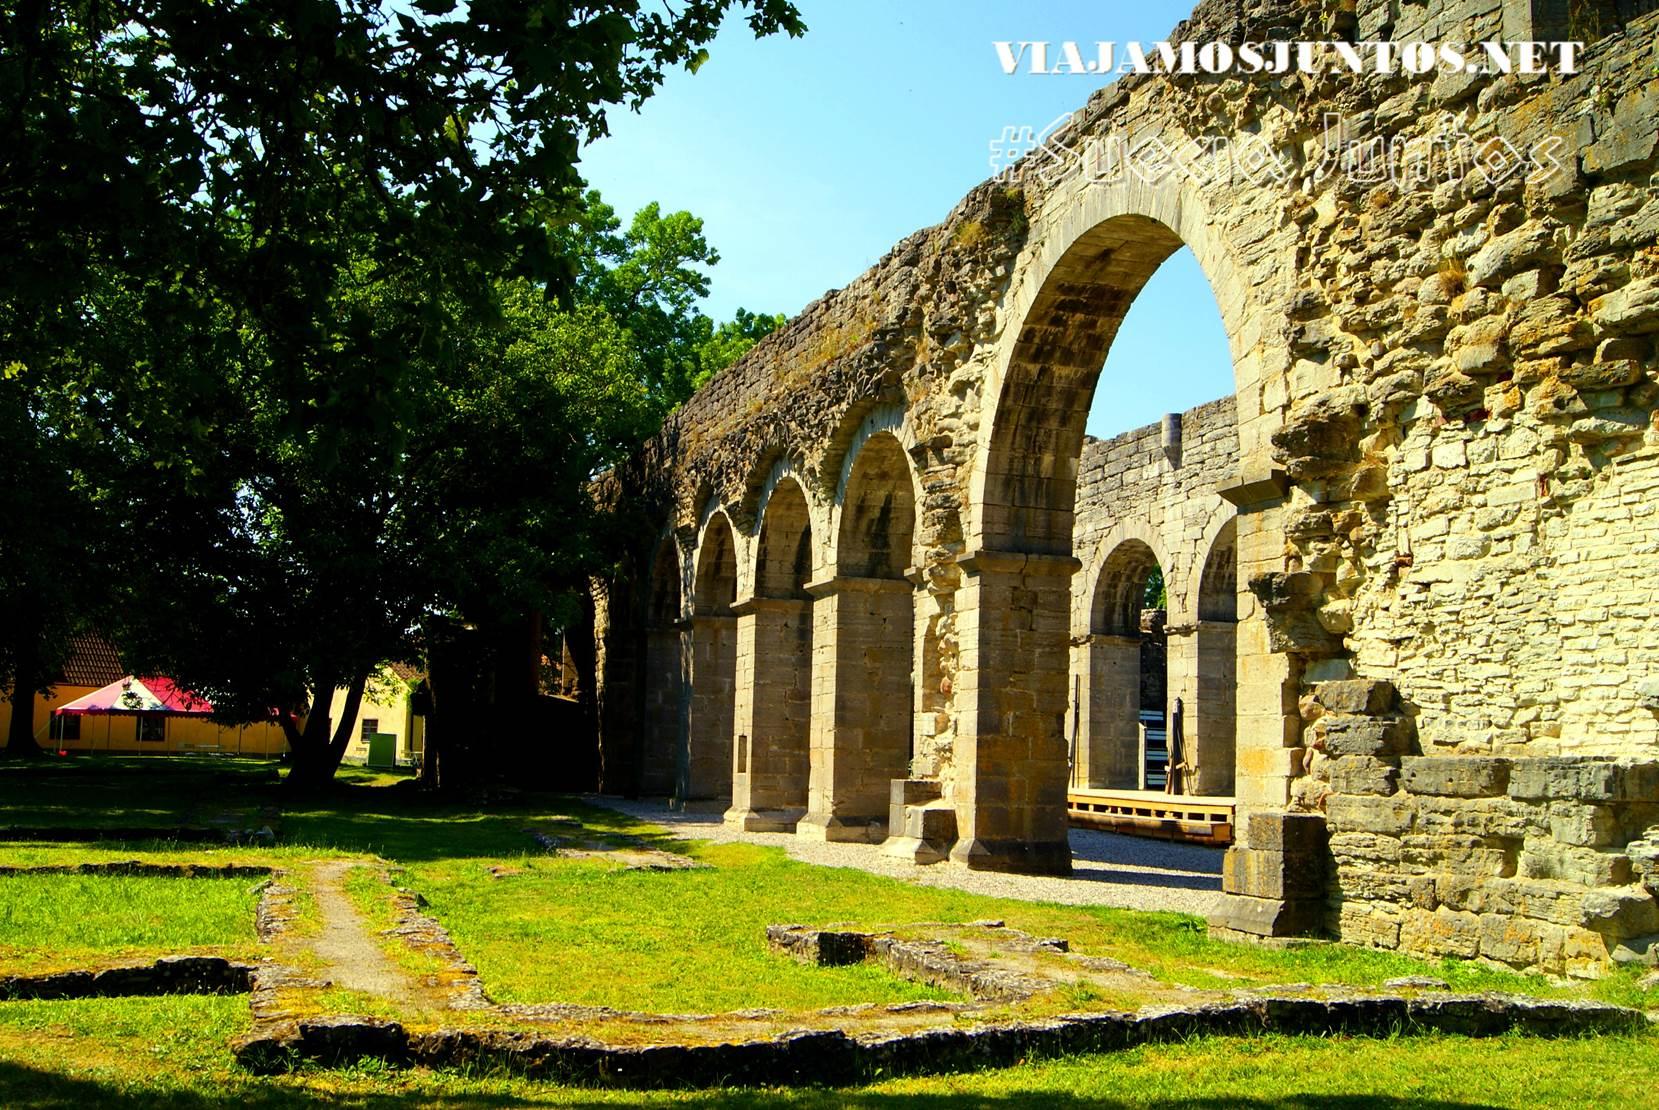 El monasterio de Roma, isla de Gotland, Suecia